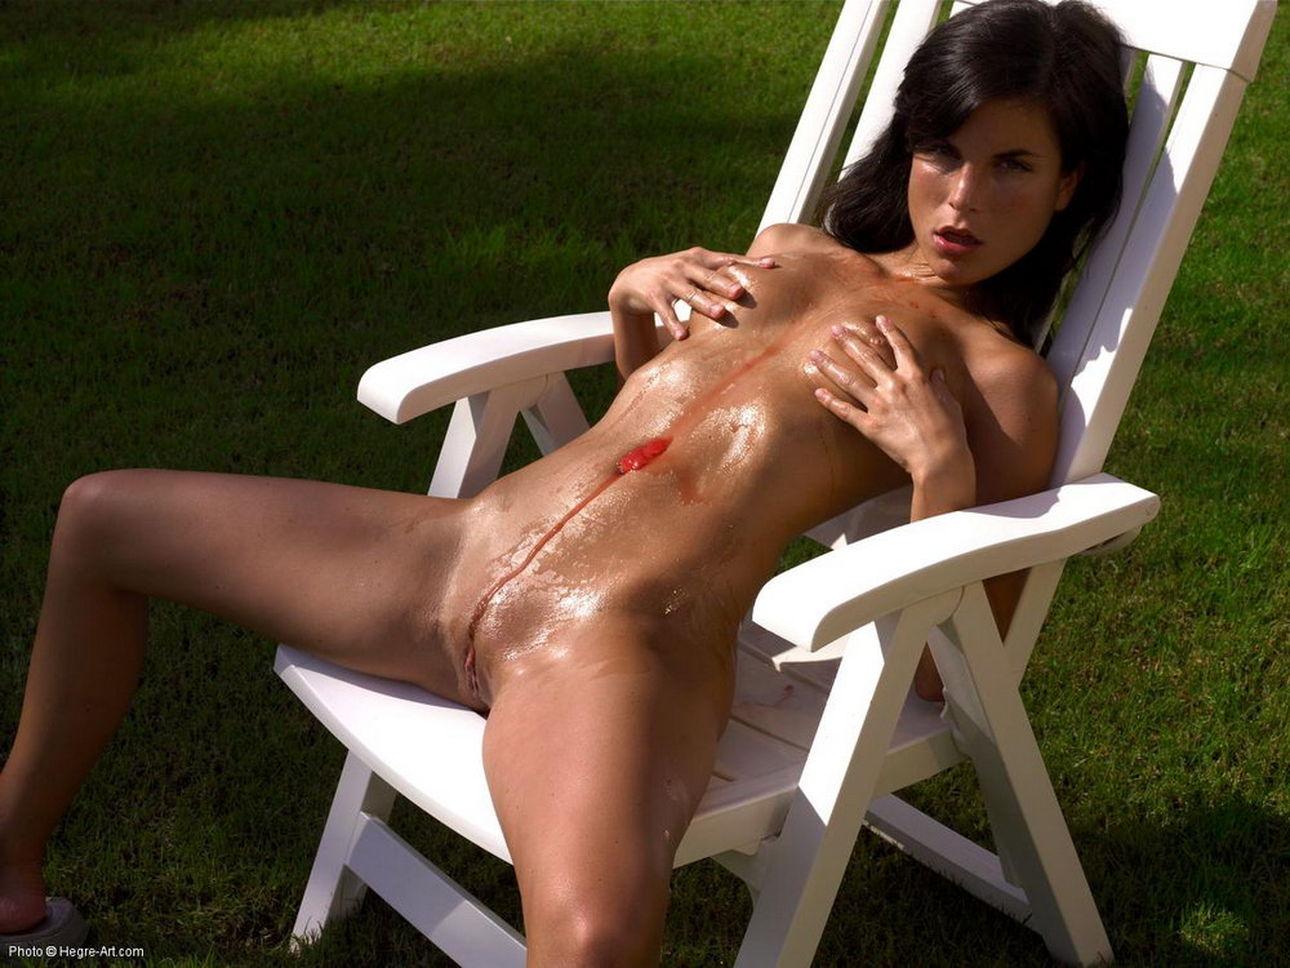 Girls amateur bikinis fat